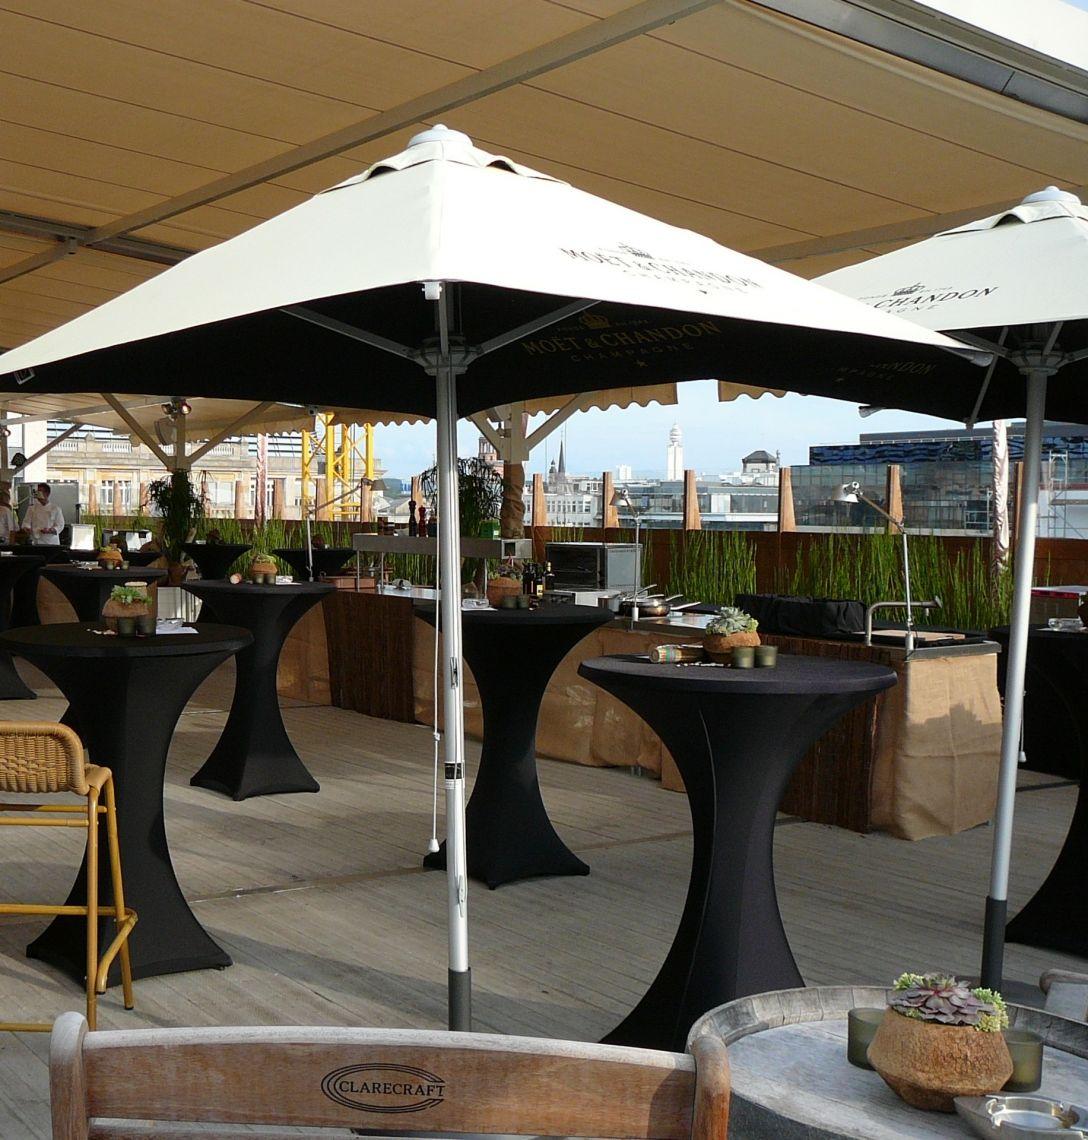 Dekoration und Catering für Firmen, Events, Tagungen, Messe, Gala,